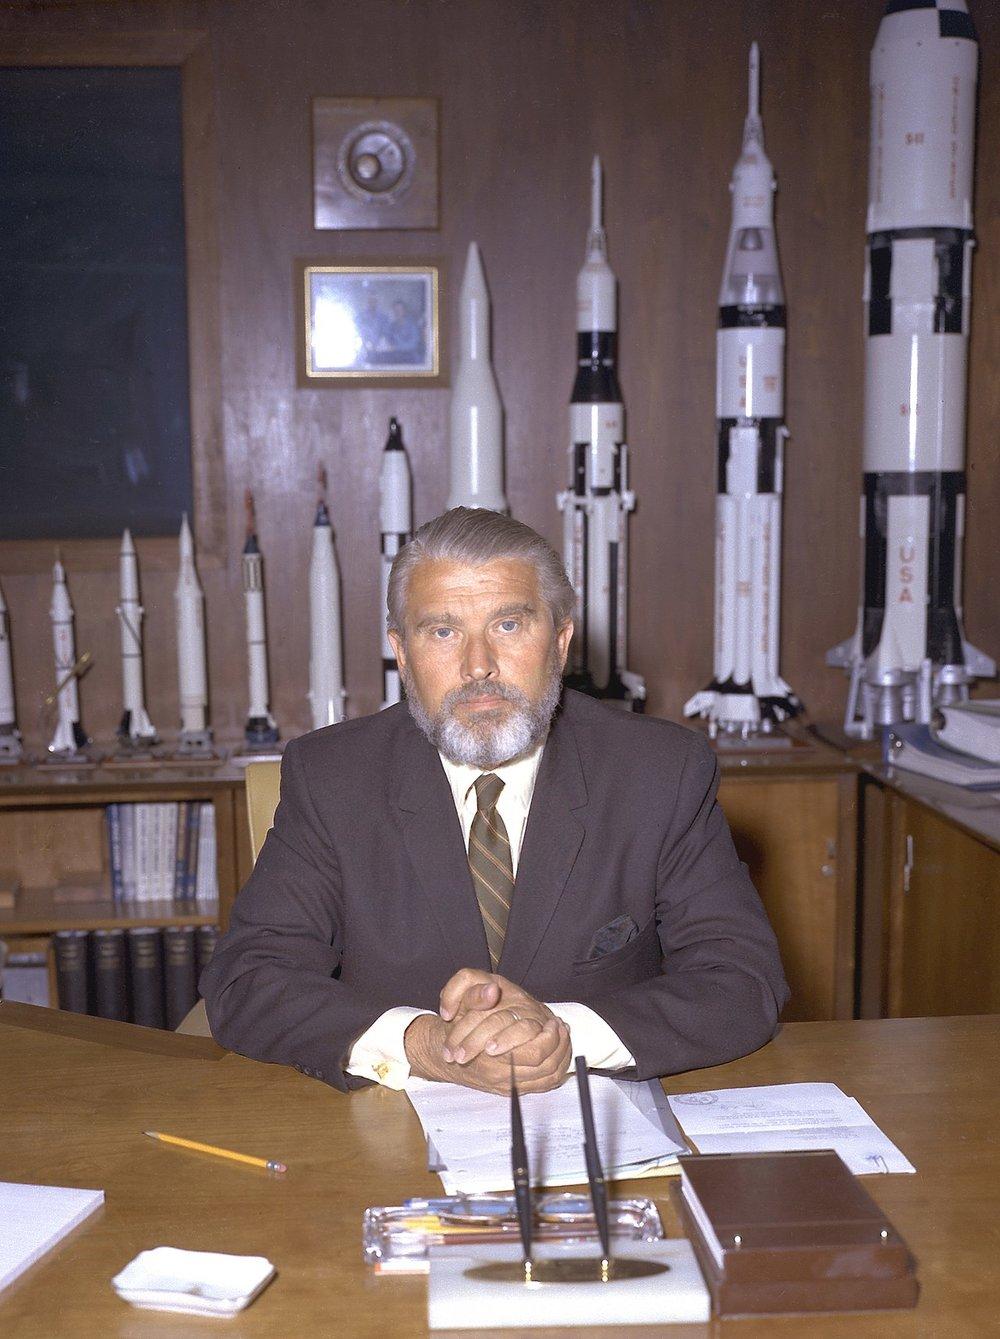 Von Braun at his desk